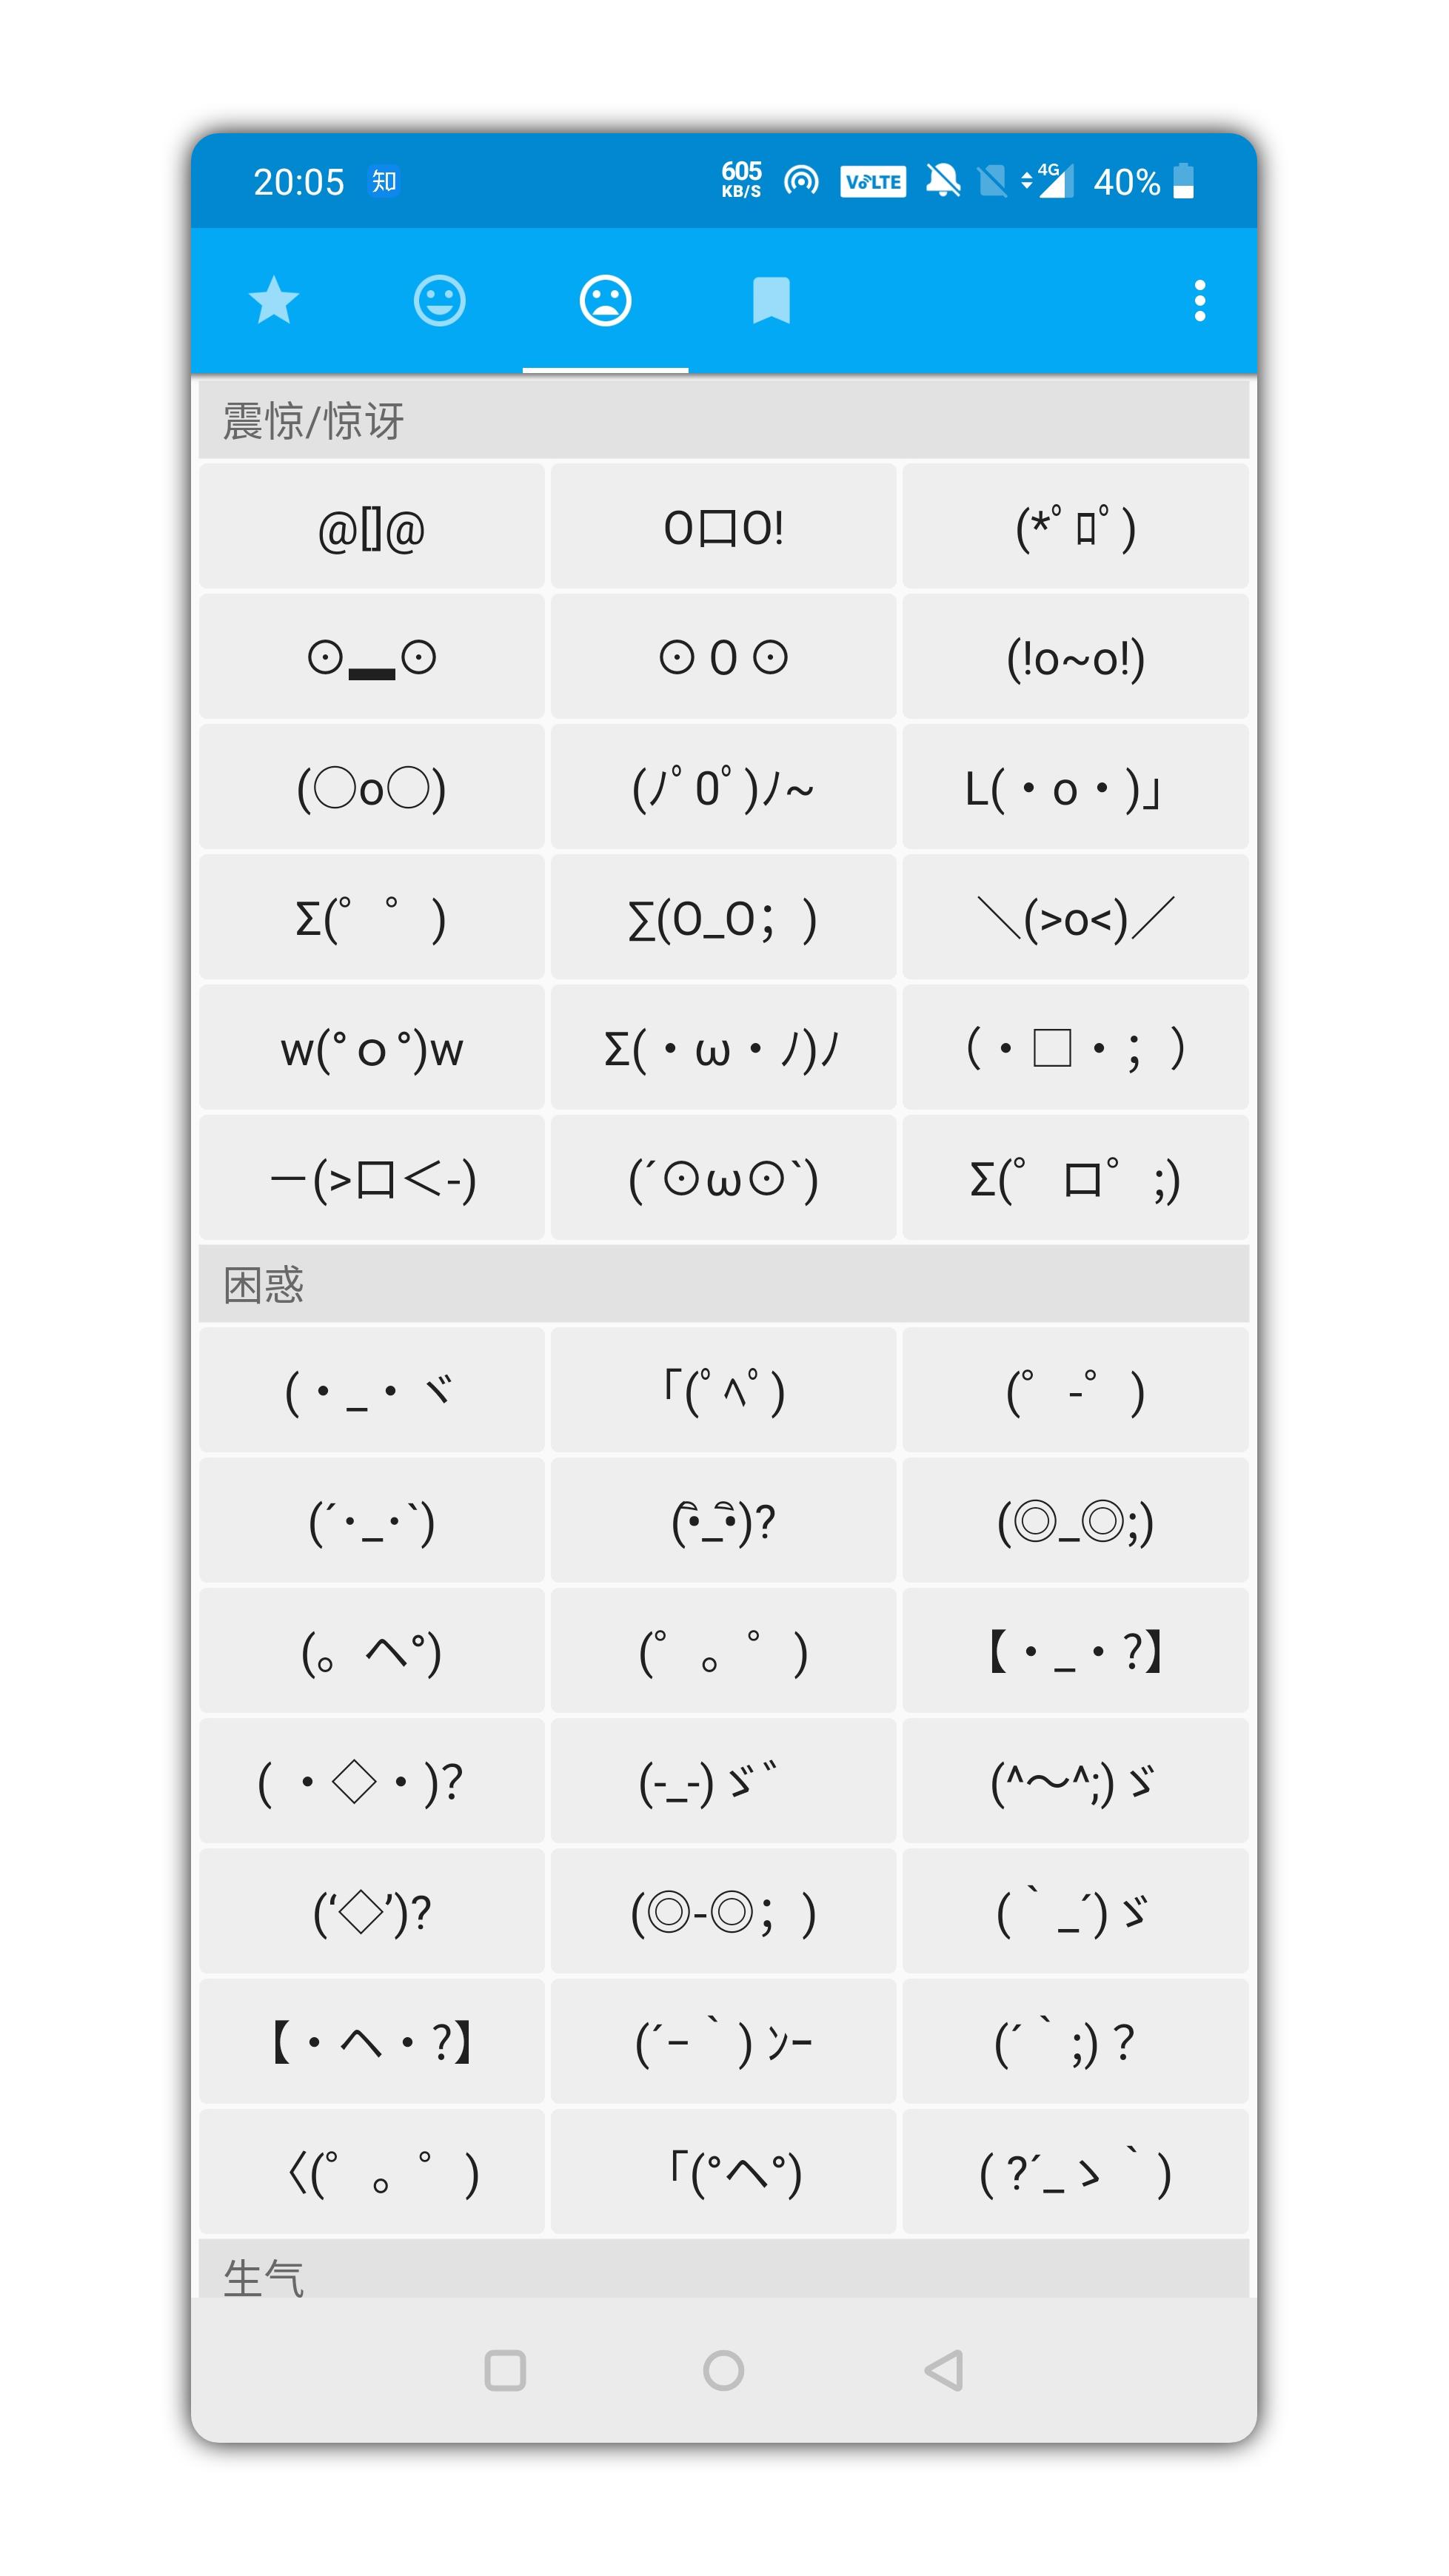 表情符号优化版截图2